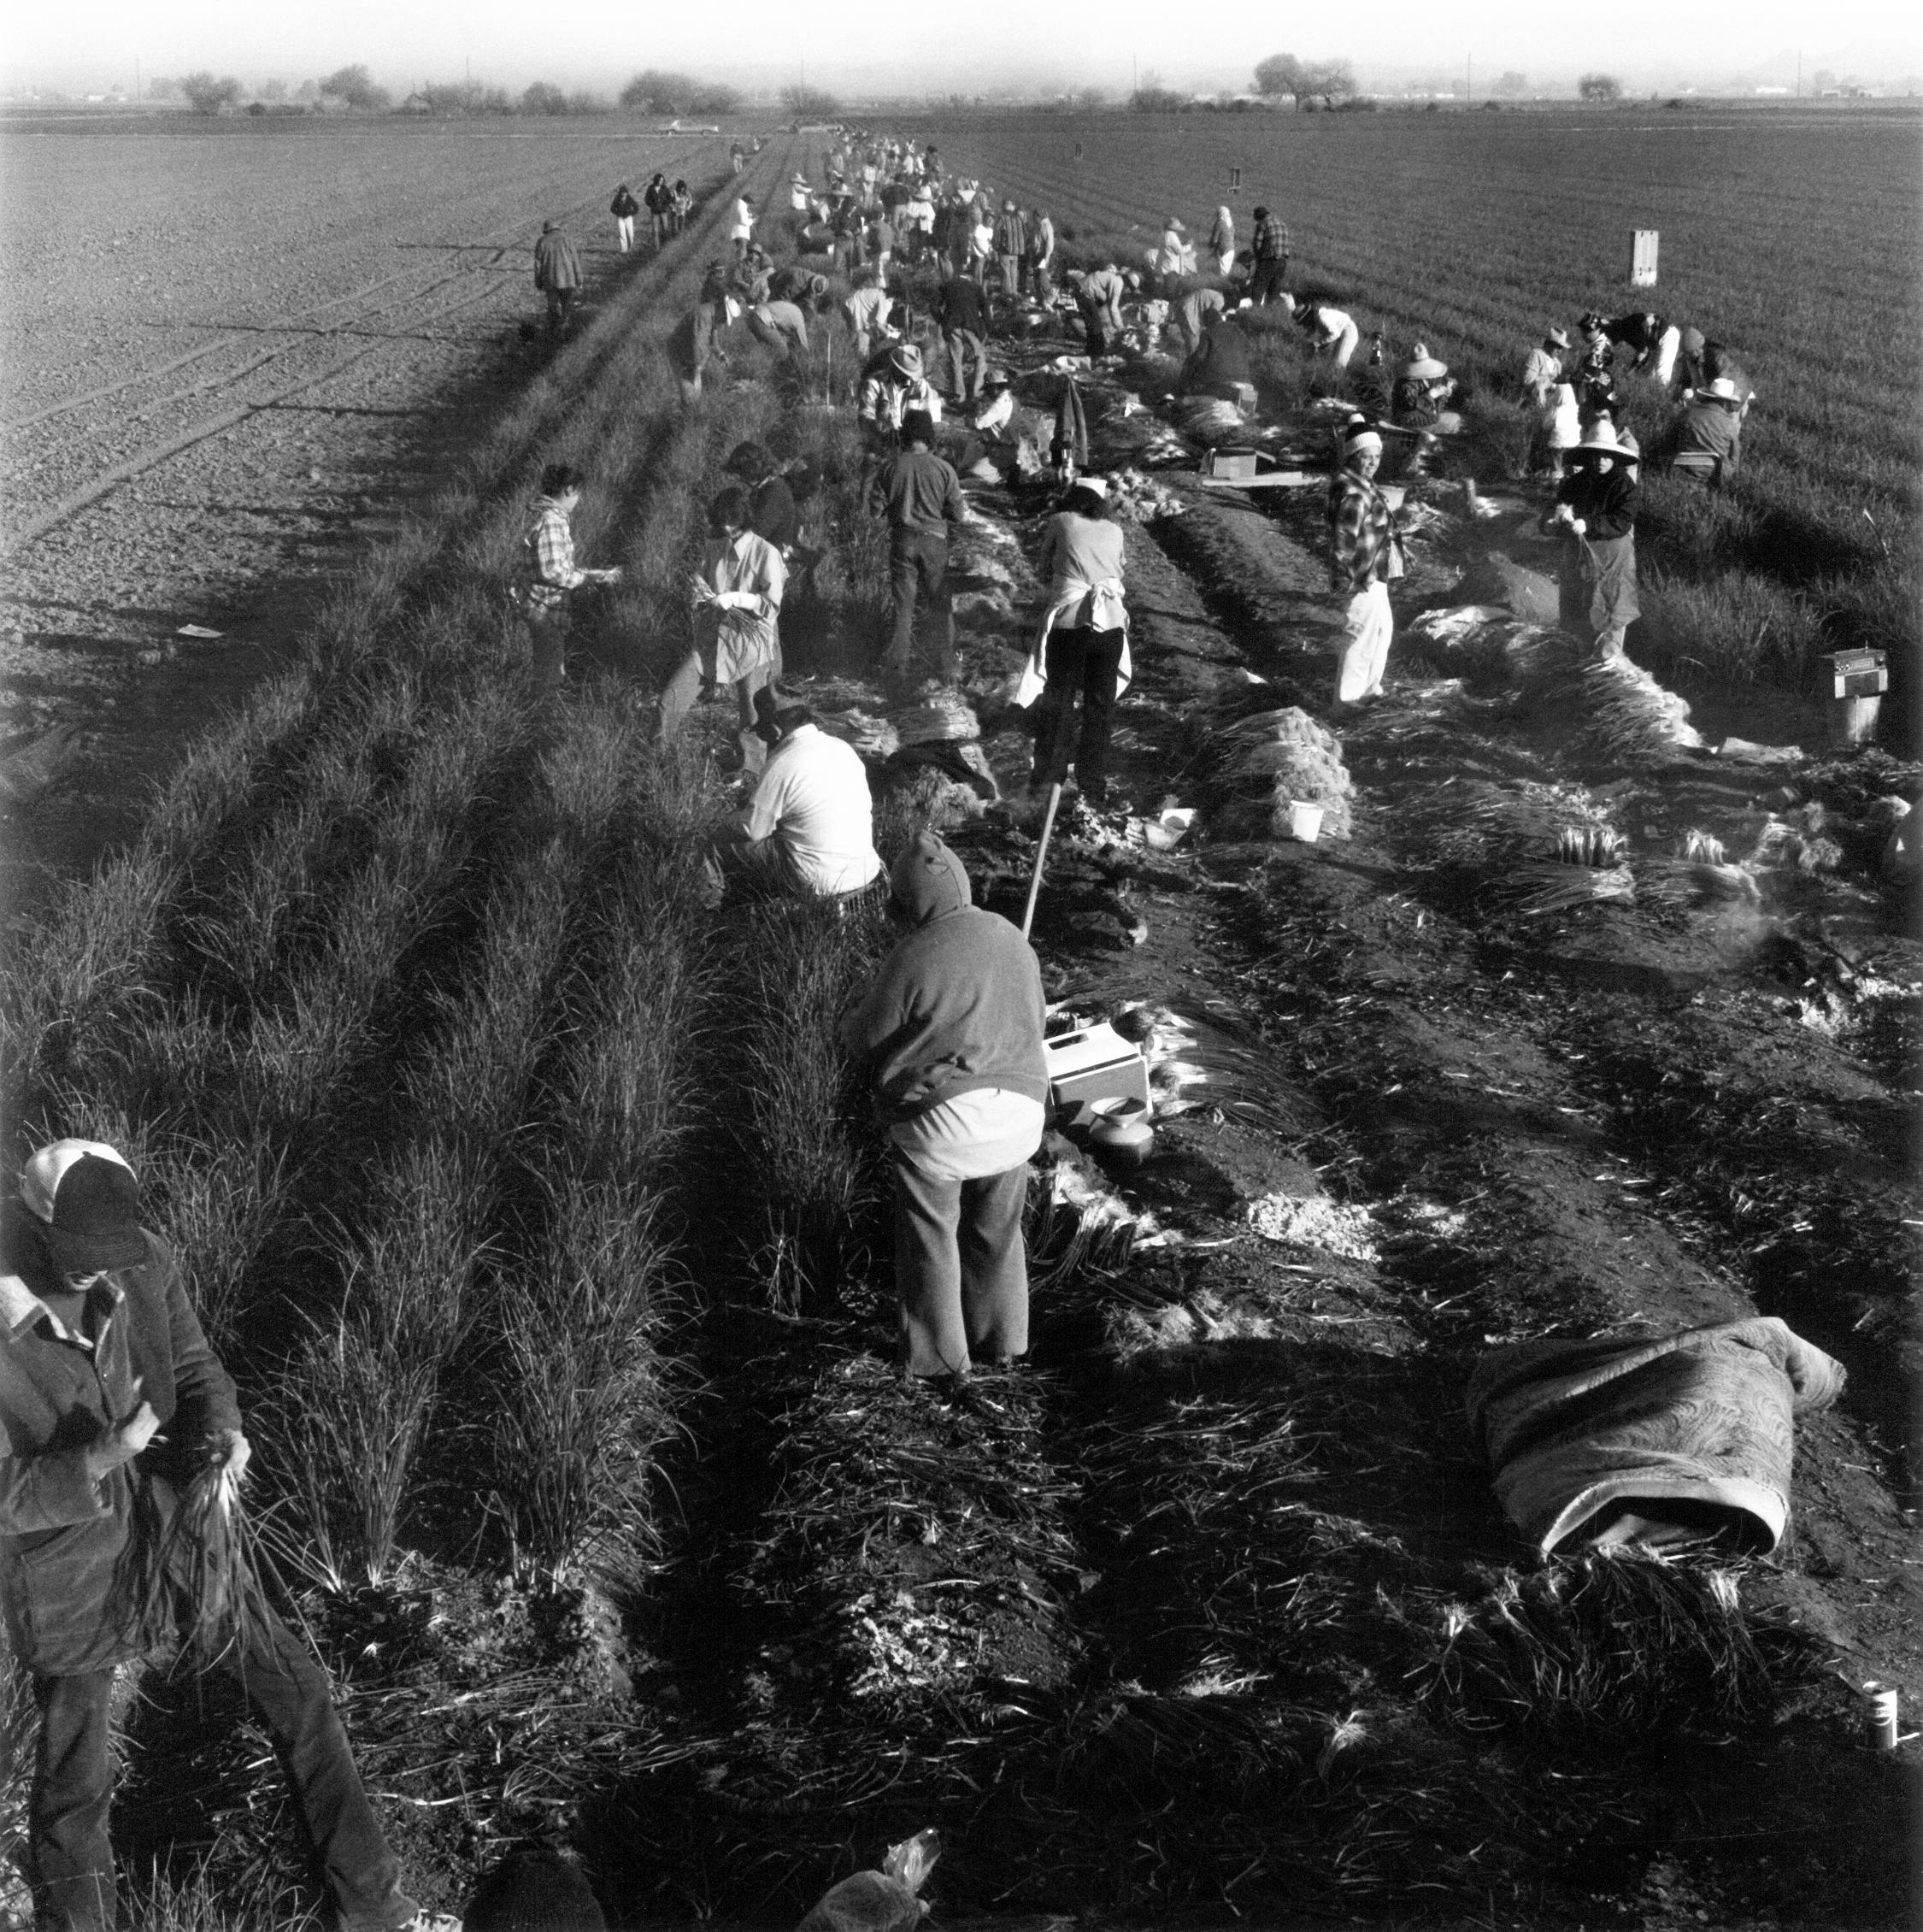 KL-FarmWorkers1-crop.jpg